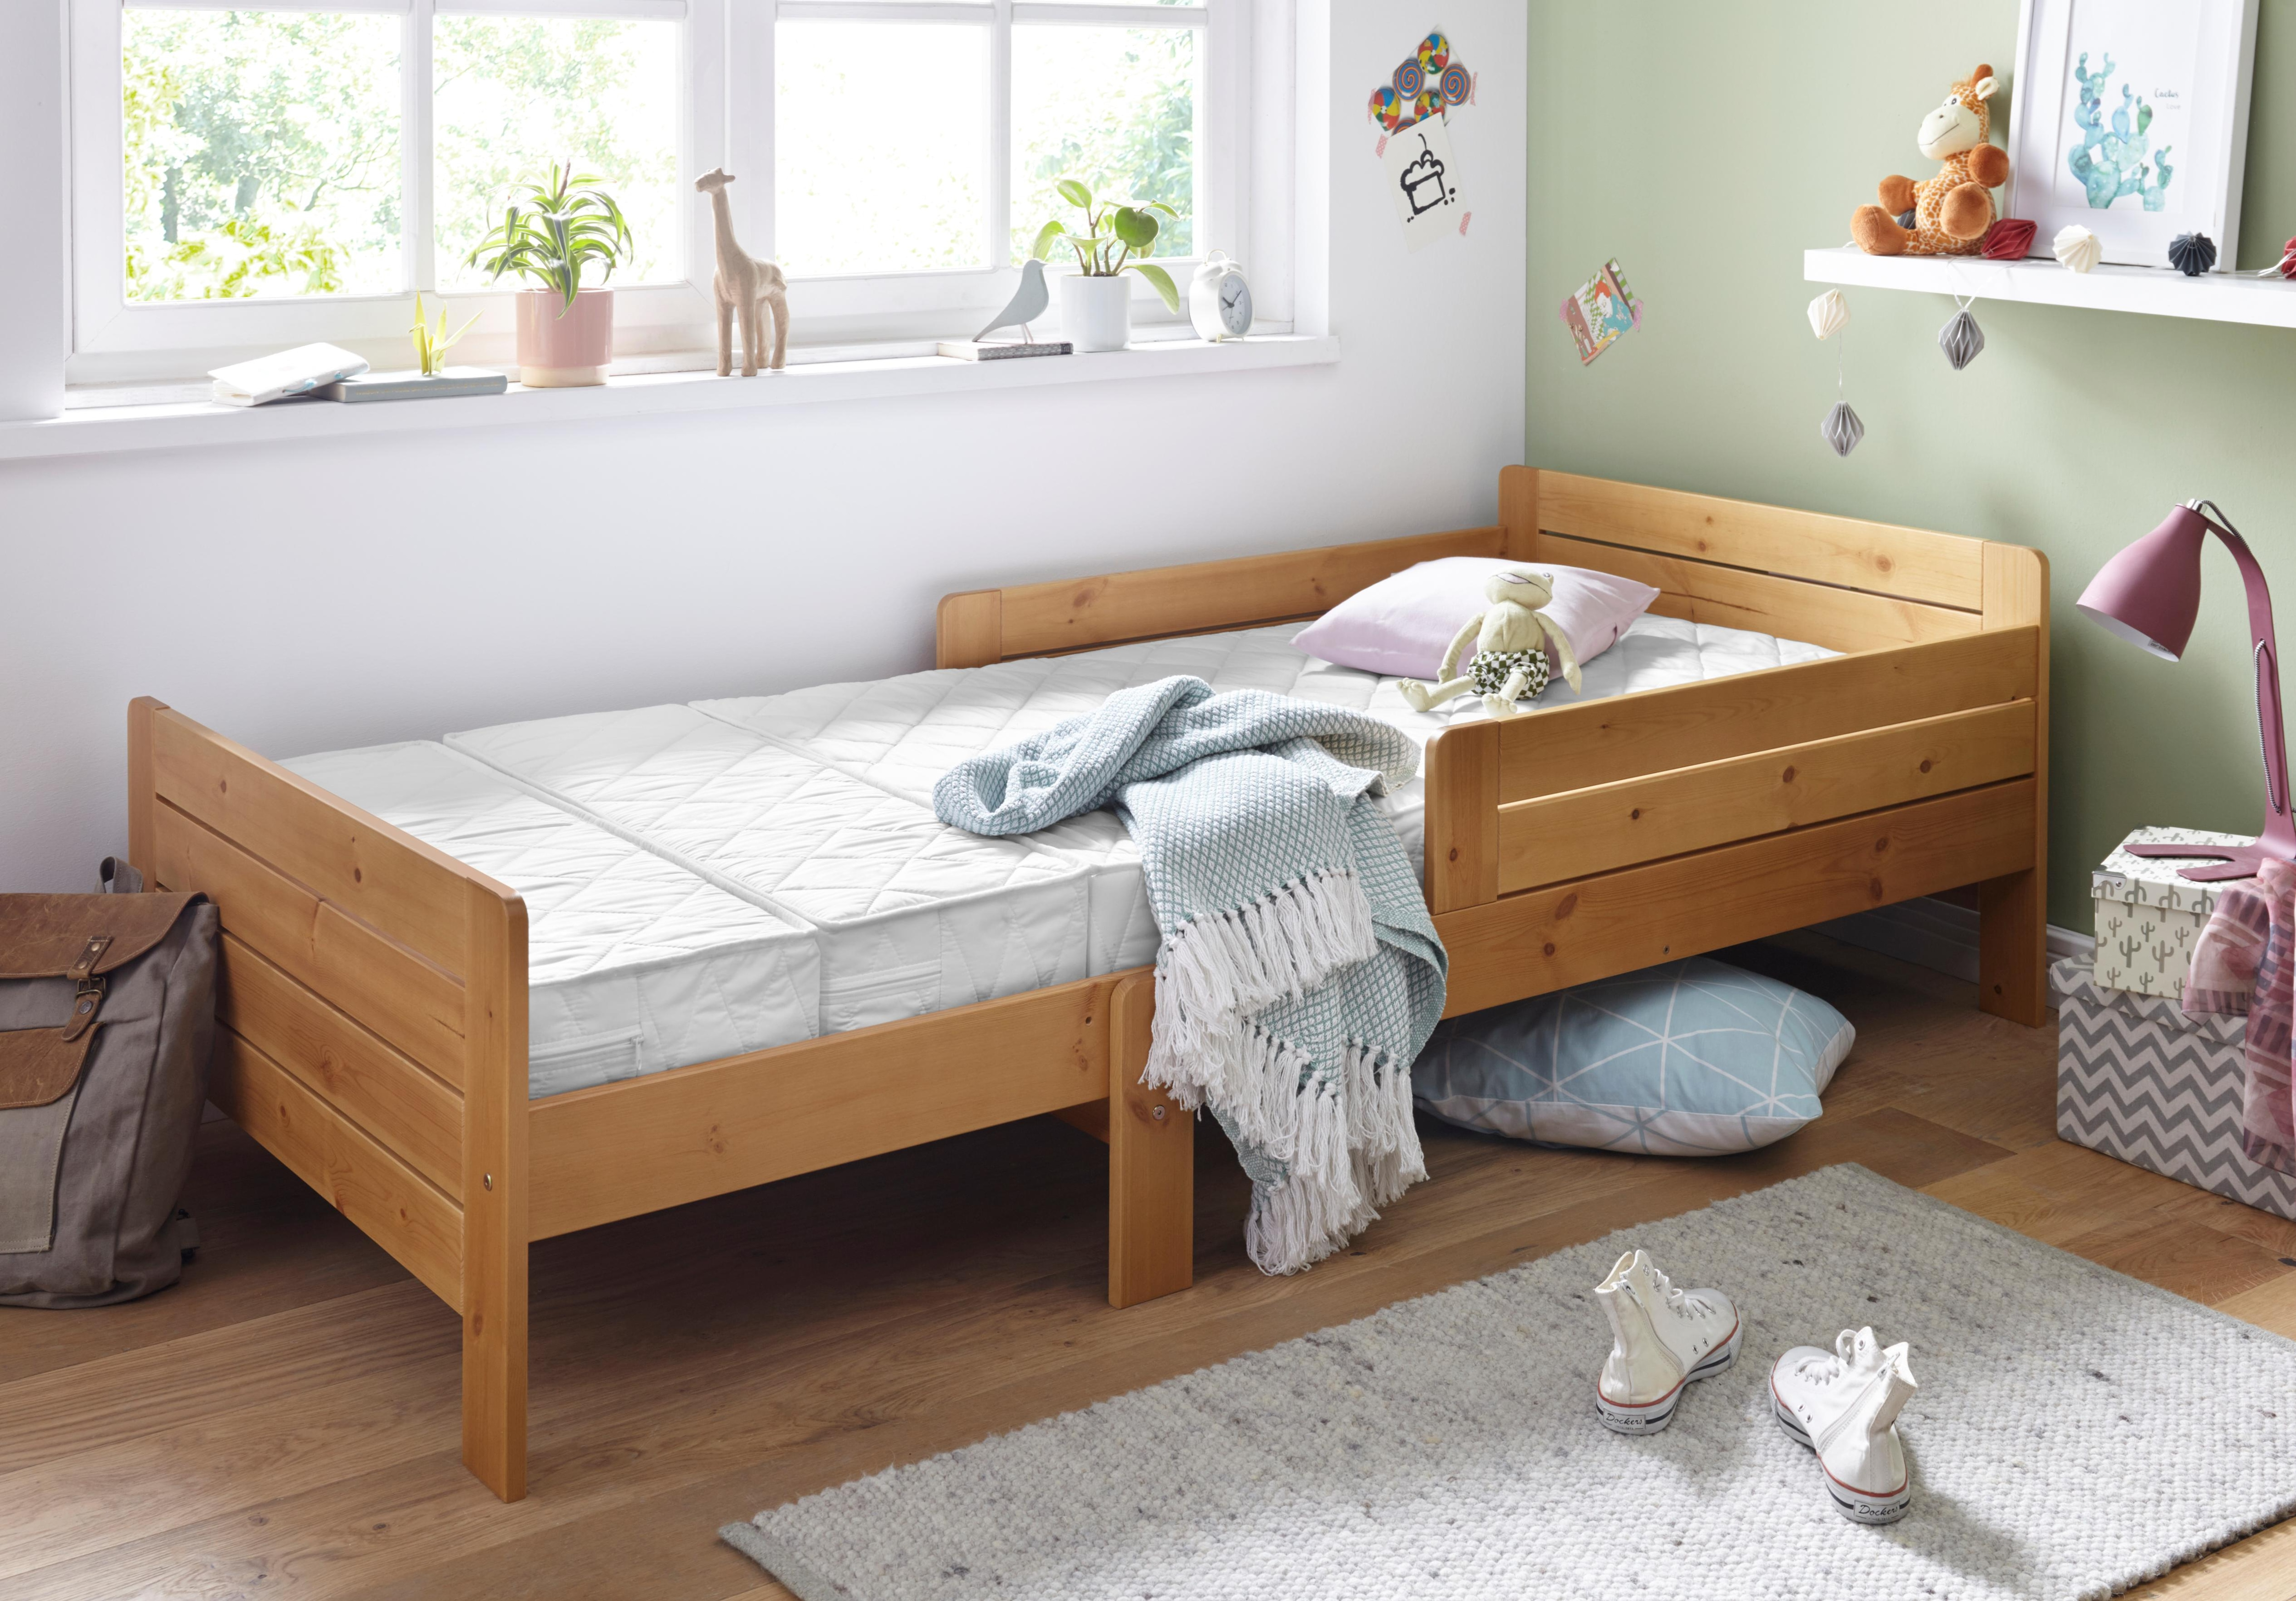 Breckle Kindermatratze zum Mitwachsen (3-tlg.)   Kinderzimmer > Textilien für Kinder > Kinderbettwäsche   Weiß   BRECKLE